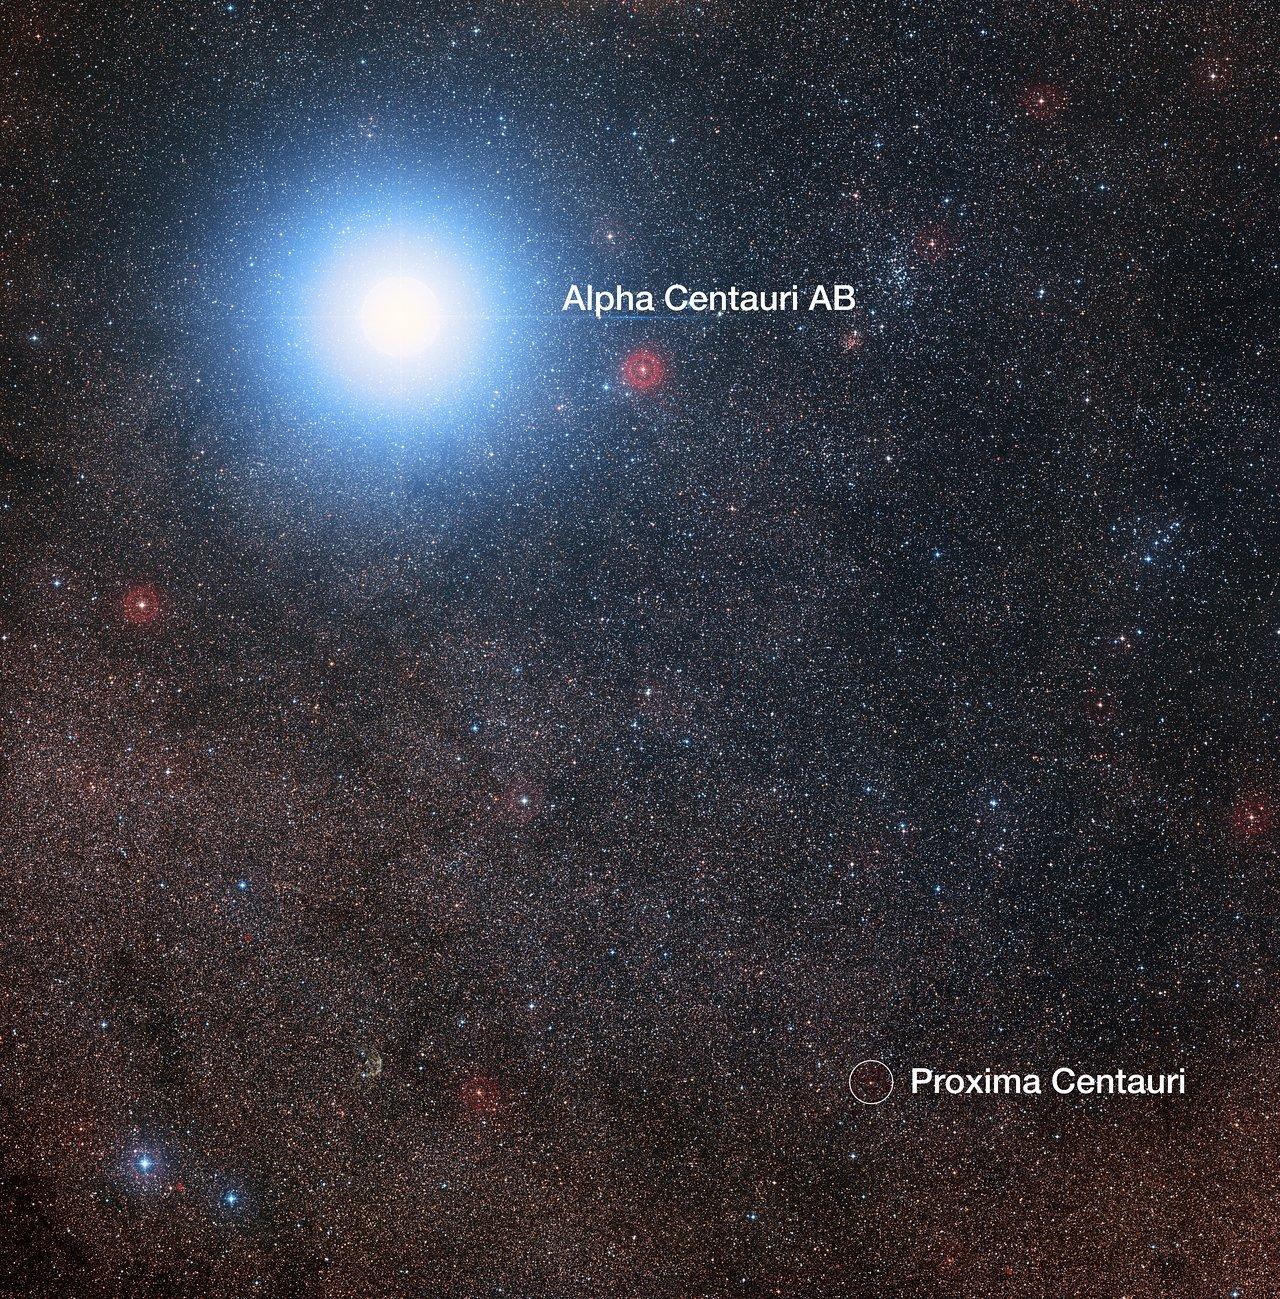 Dieses Bild zeigt die Himmelsregion um den hellen Stern Alpha Centauri AB sowie um den viel schwächeren roten Zwergstern Proxima Centauri, den zu unserem Sonnensystem nächst gelegenen Stern. Das Bild wurde aus Bildern des Digitized Sky Survey 2 zusammengestellt. Der blaue Halo um Alpha Centauri AB ist ein Artefakt des fotografischen Prozesses, der Stern ist in Wirklichkeit schwach gelb wie unsere Sonne.